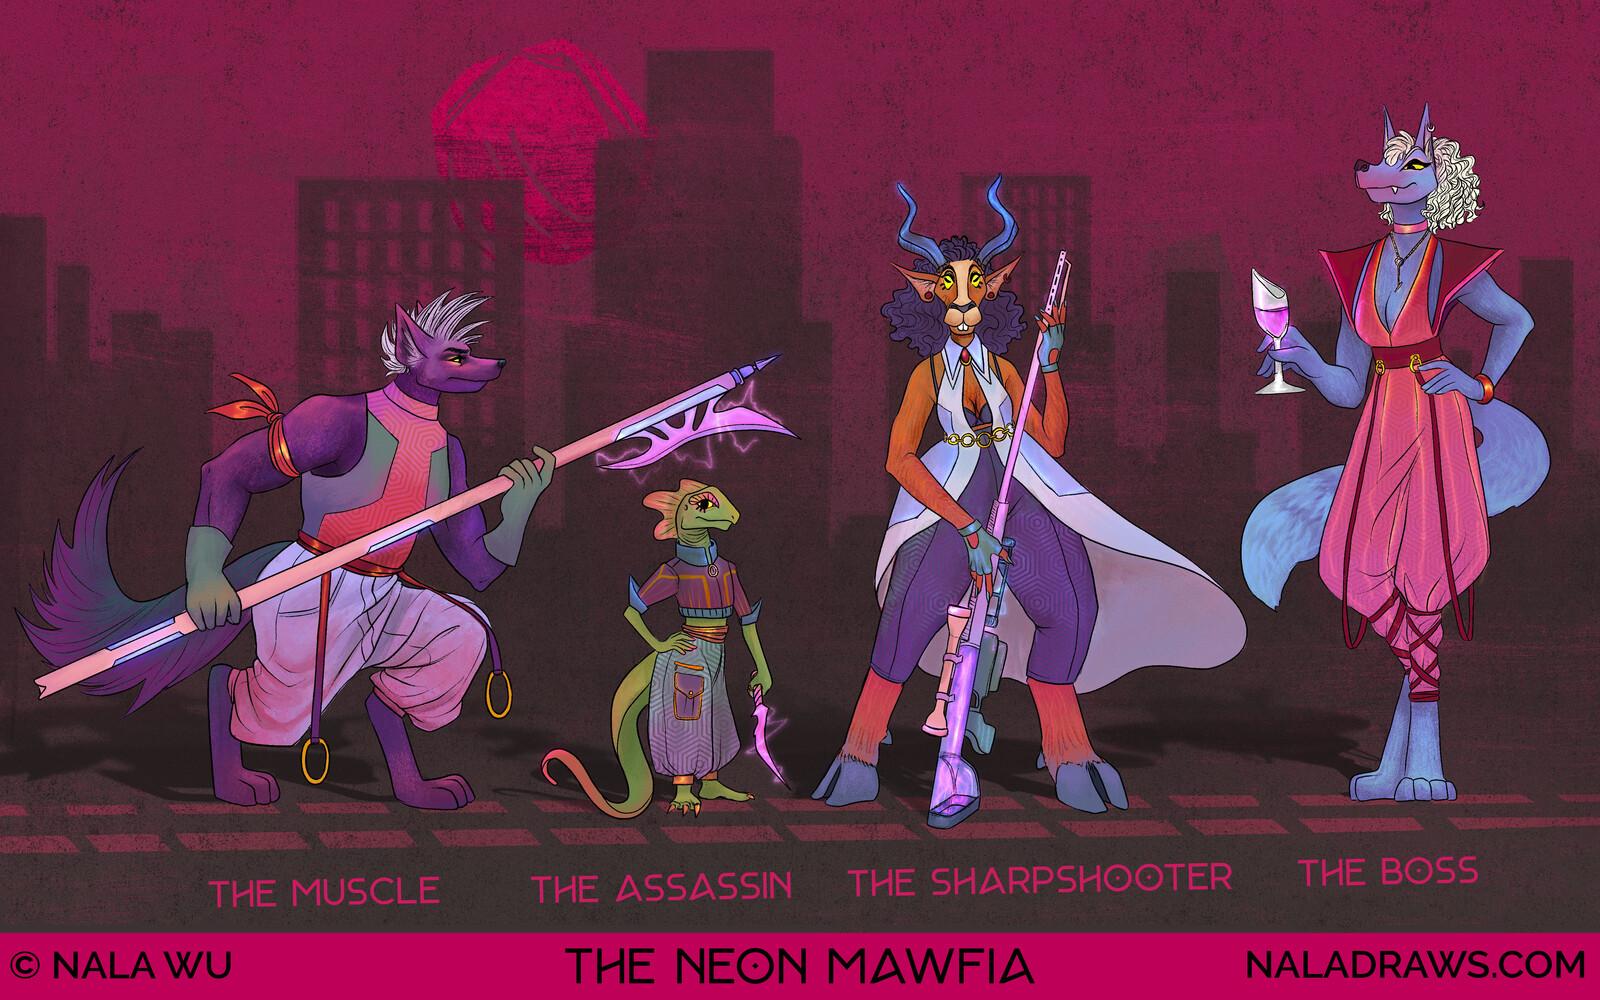 The Neon Mawfia